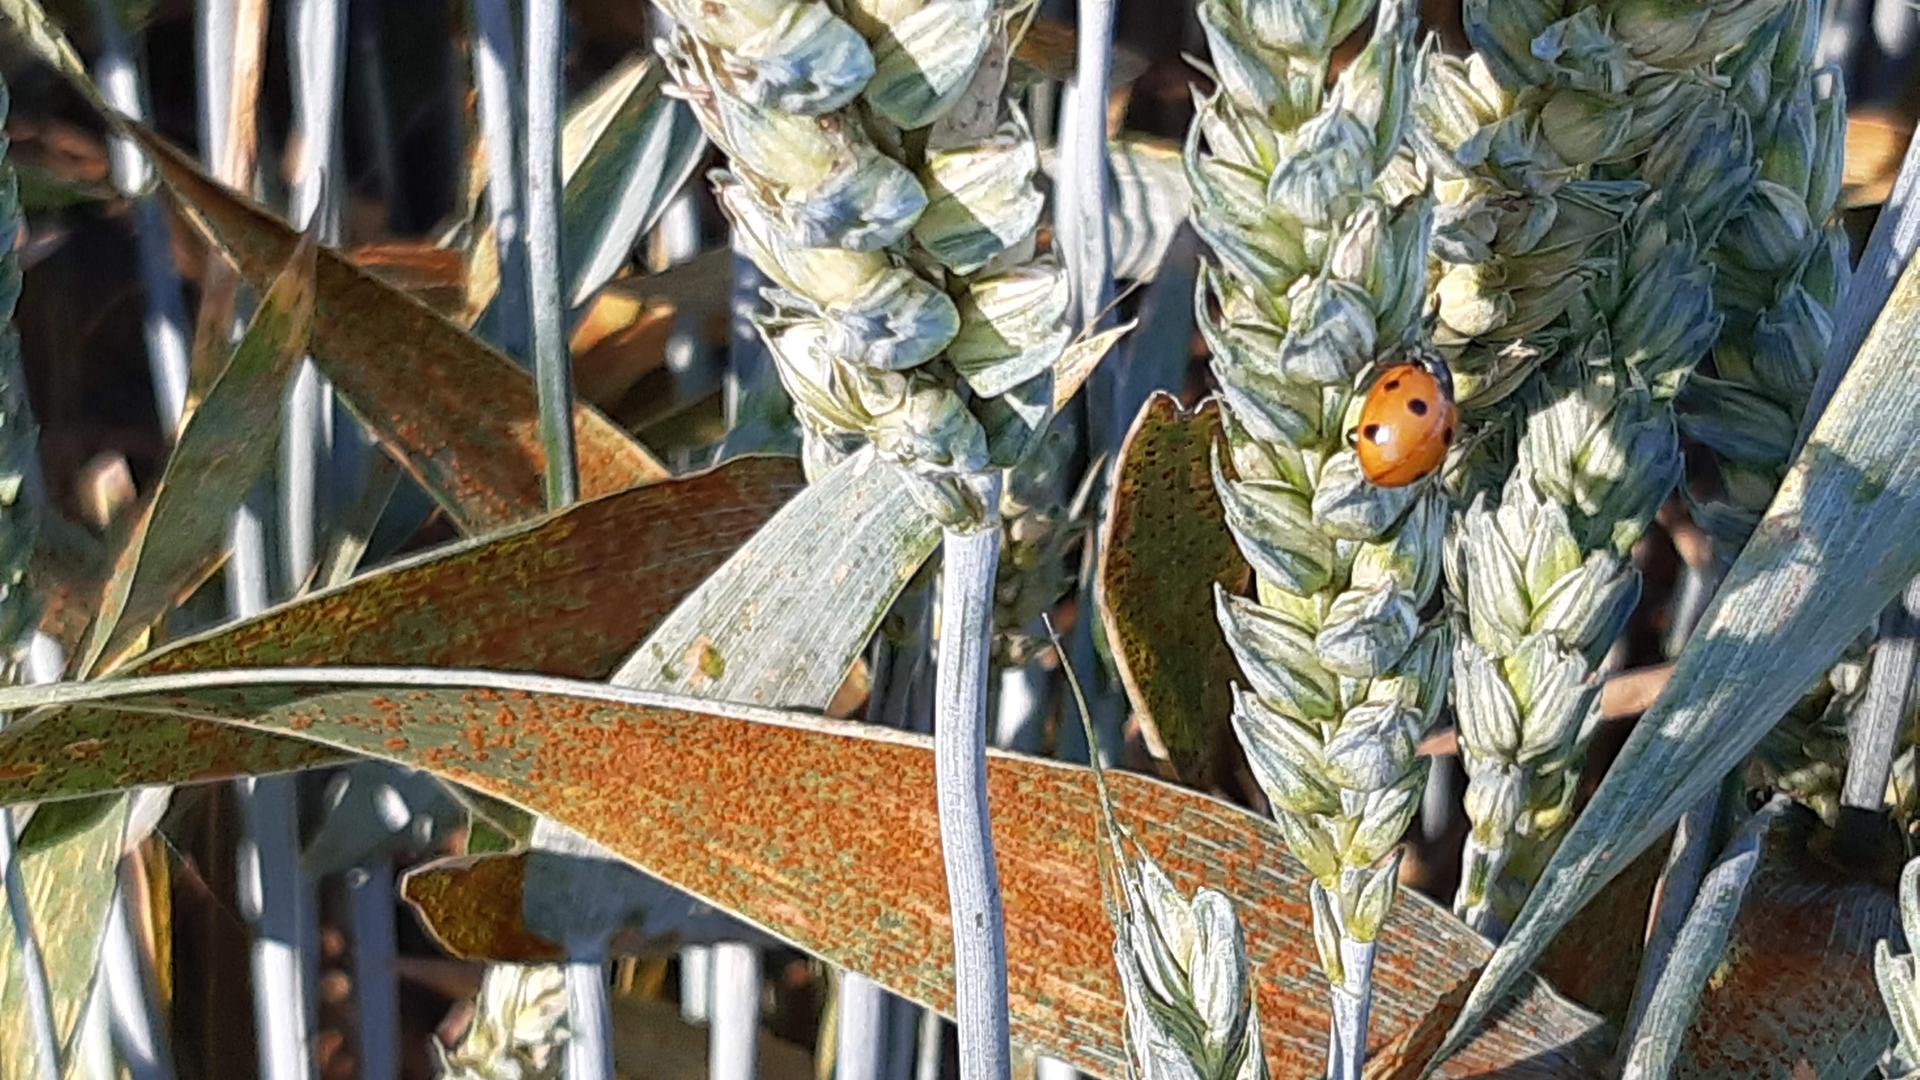 Blattkrankheit Rostpilz: Computergestützte Prognosen geben wertvolle Hinweise über das zeitliche und räumliche Auftreten von Pilzkrankheiten in Getreidebeständen.